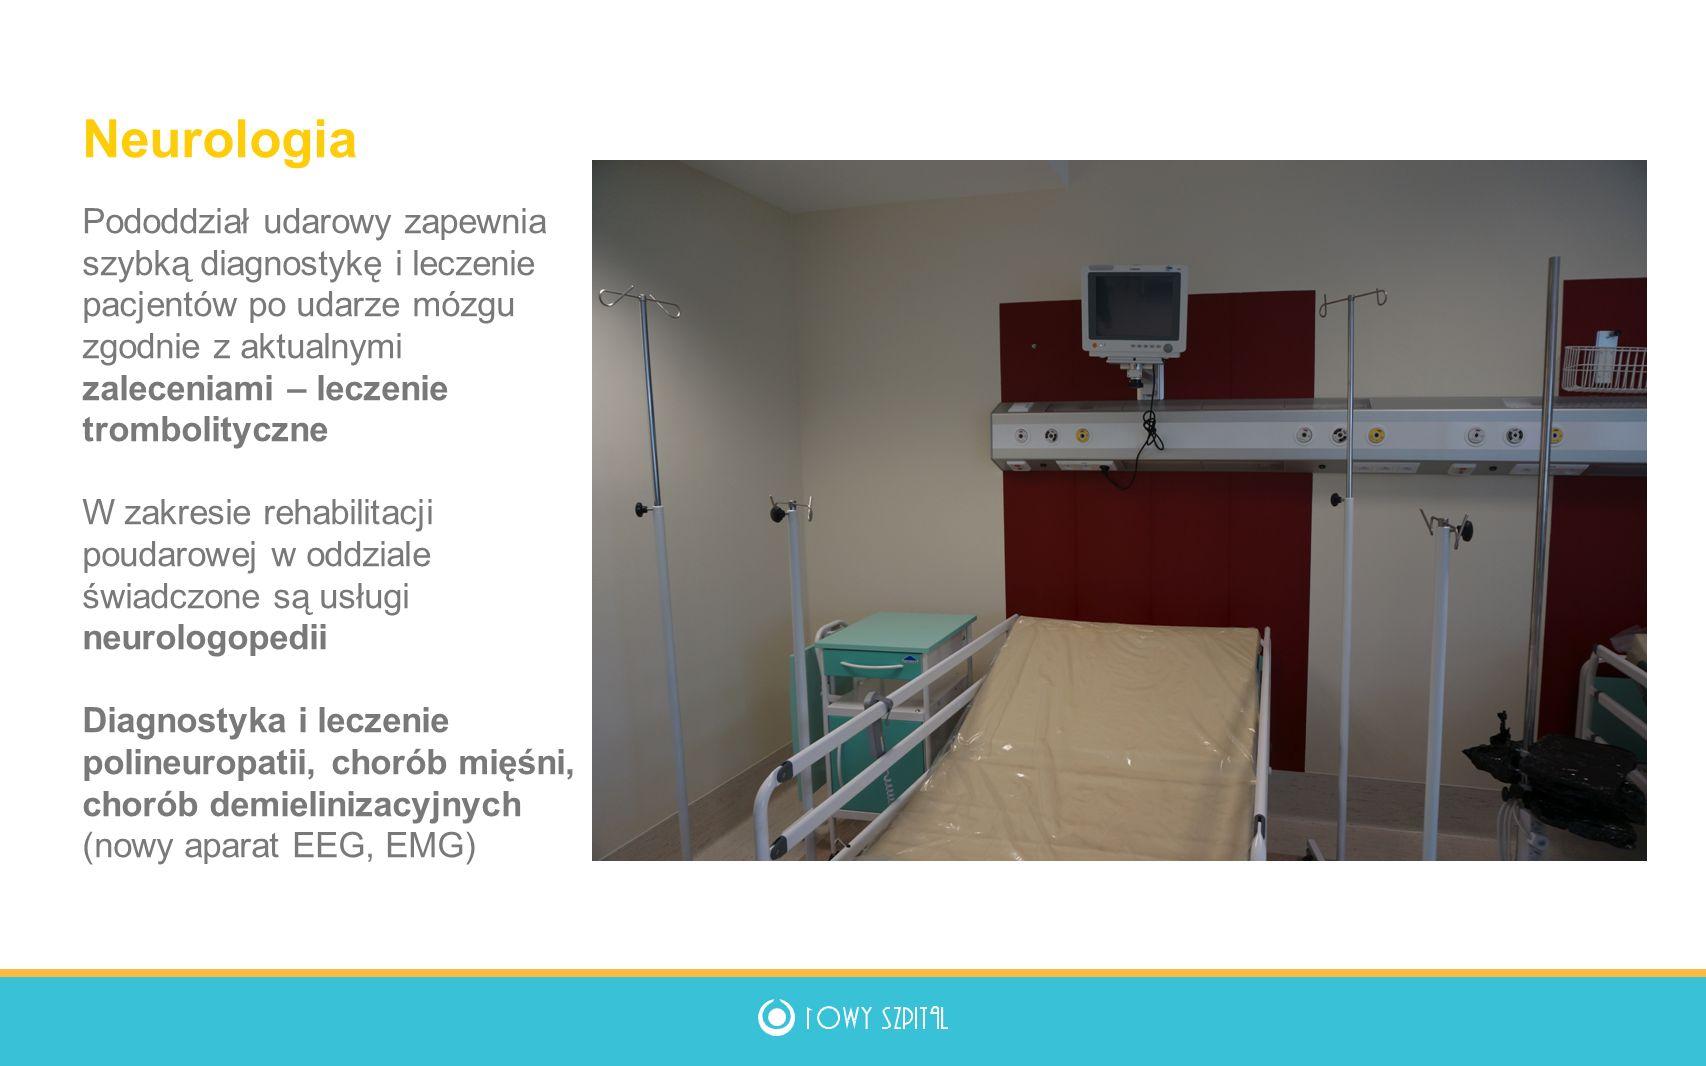 Neurologia Pododdział udarowy zapewnia szybką diagnostykę i leczenie pacjentów po udarze mózgu zgodnie z aktualnymi zaleceniami – leczenie trombolityczne W zakresie rehabilitacji poudarowej w oddziale świadczone są usługi neurologopedii Diagnostyka i leczenie polineuropatii, chorób mięśni, chorób demielinizacyjnych (nowy aparat EEG, EMG)